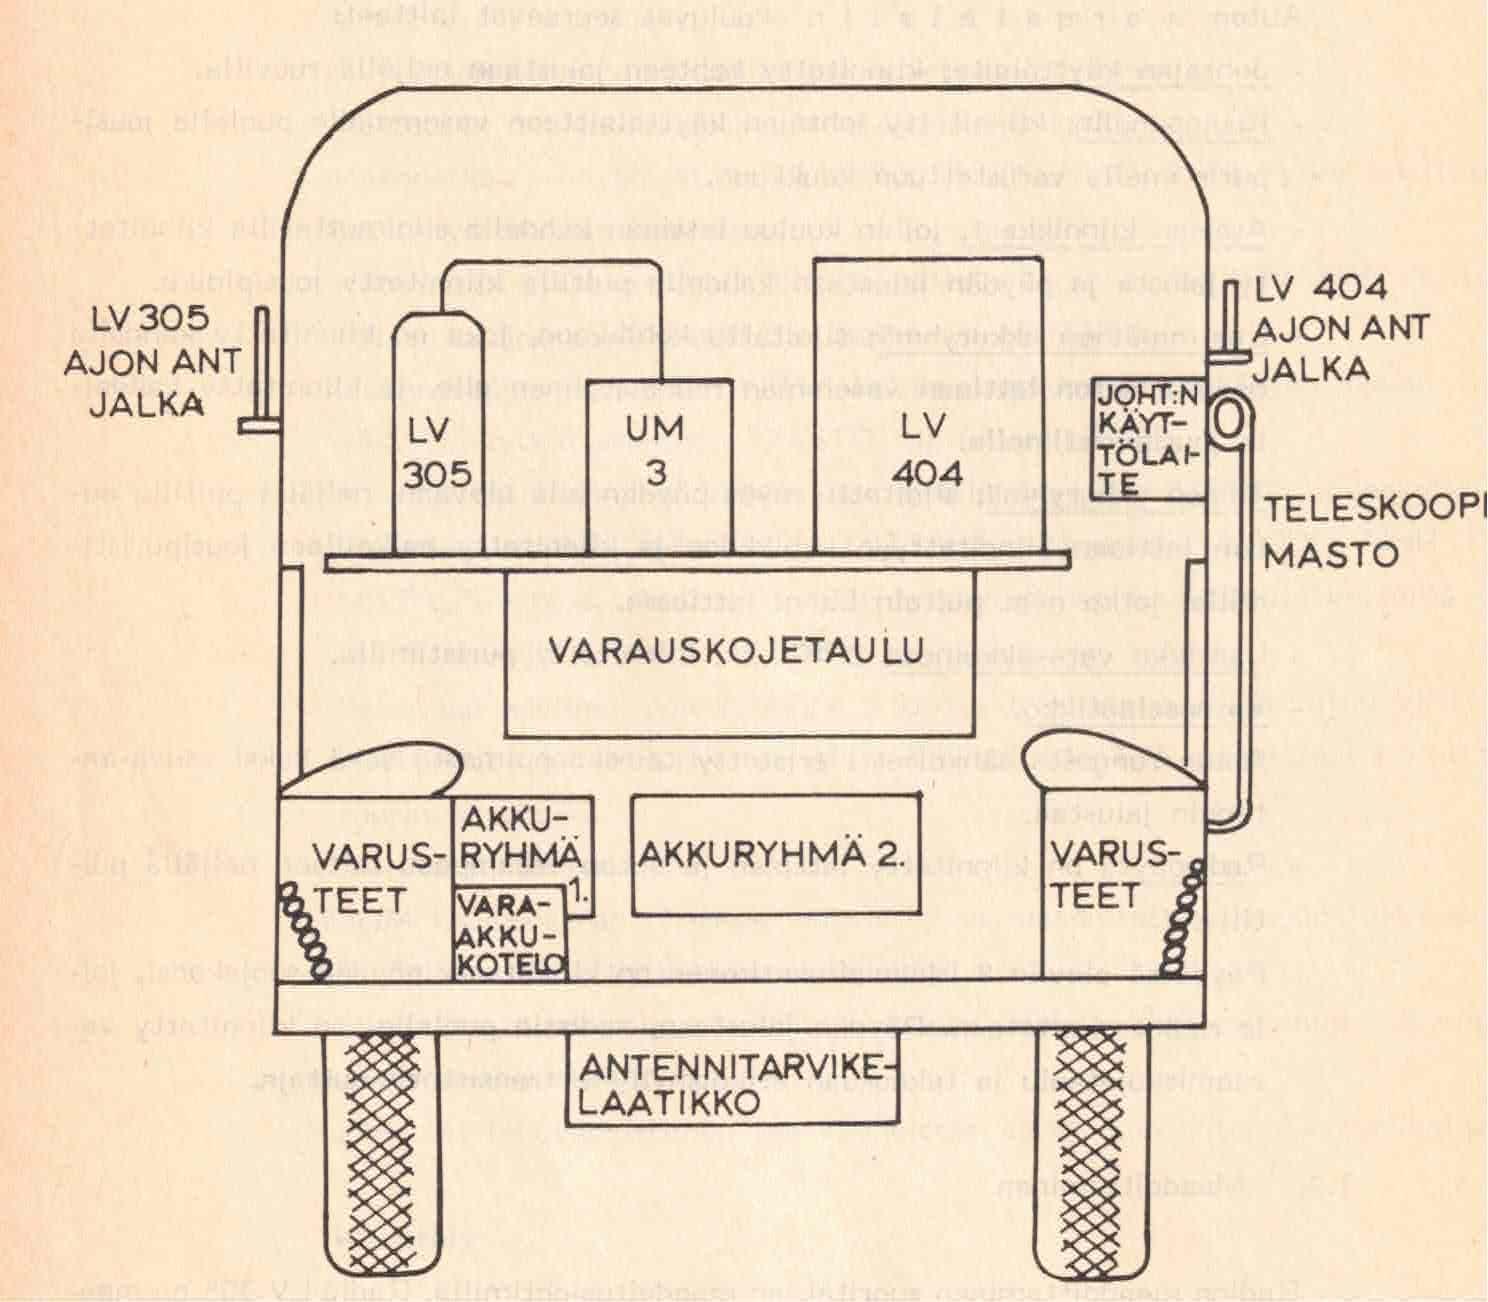 AS351.jpg